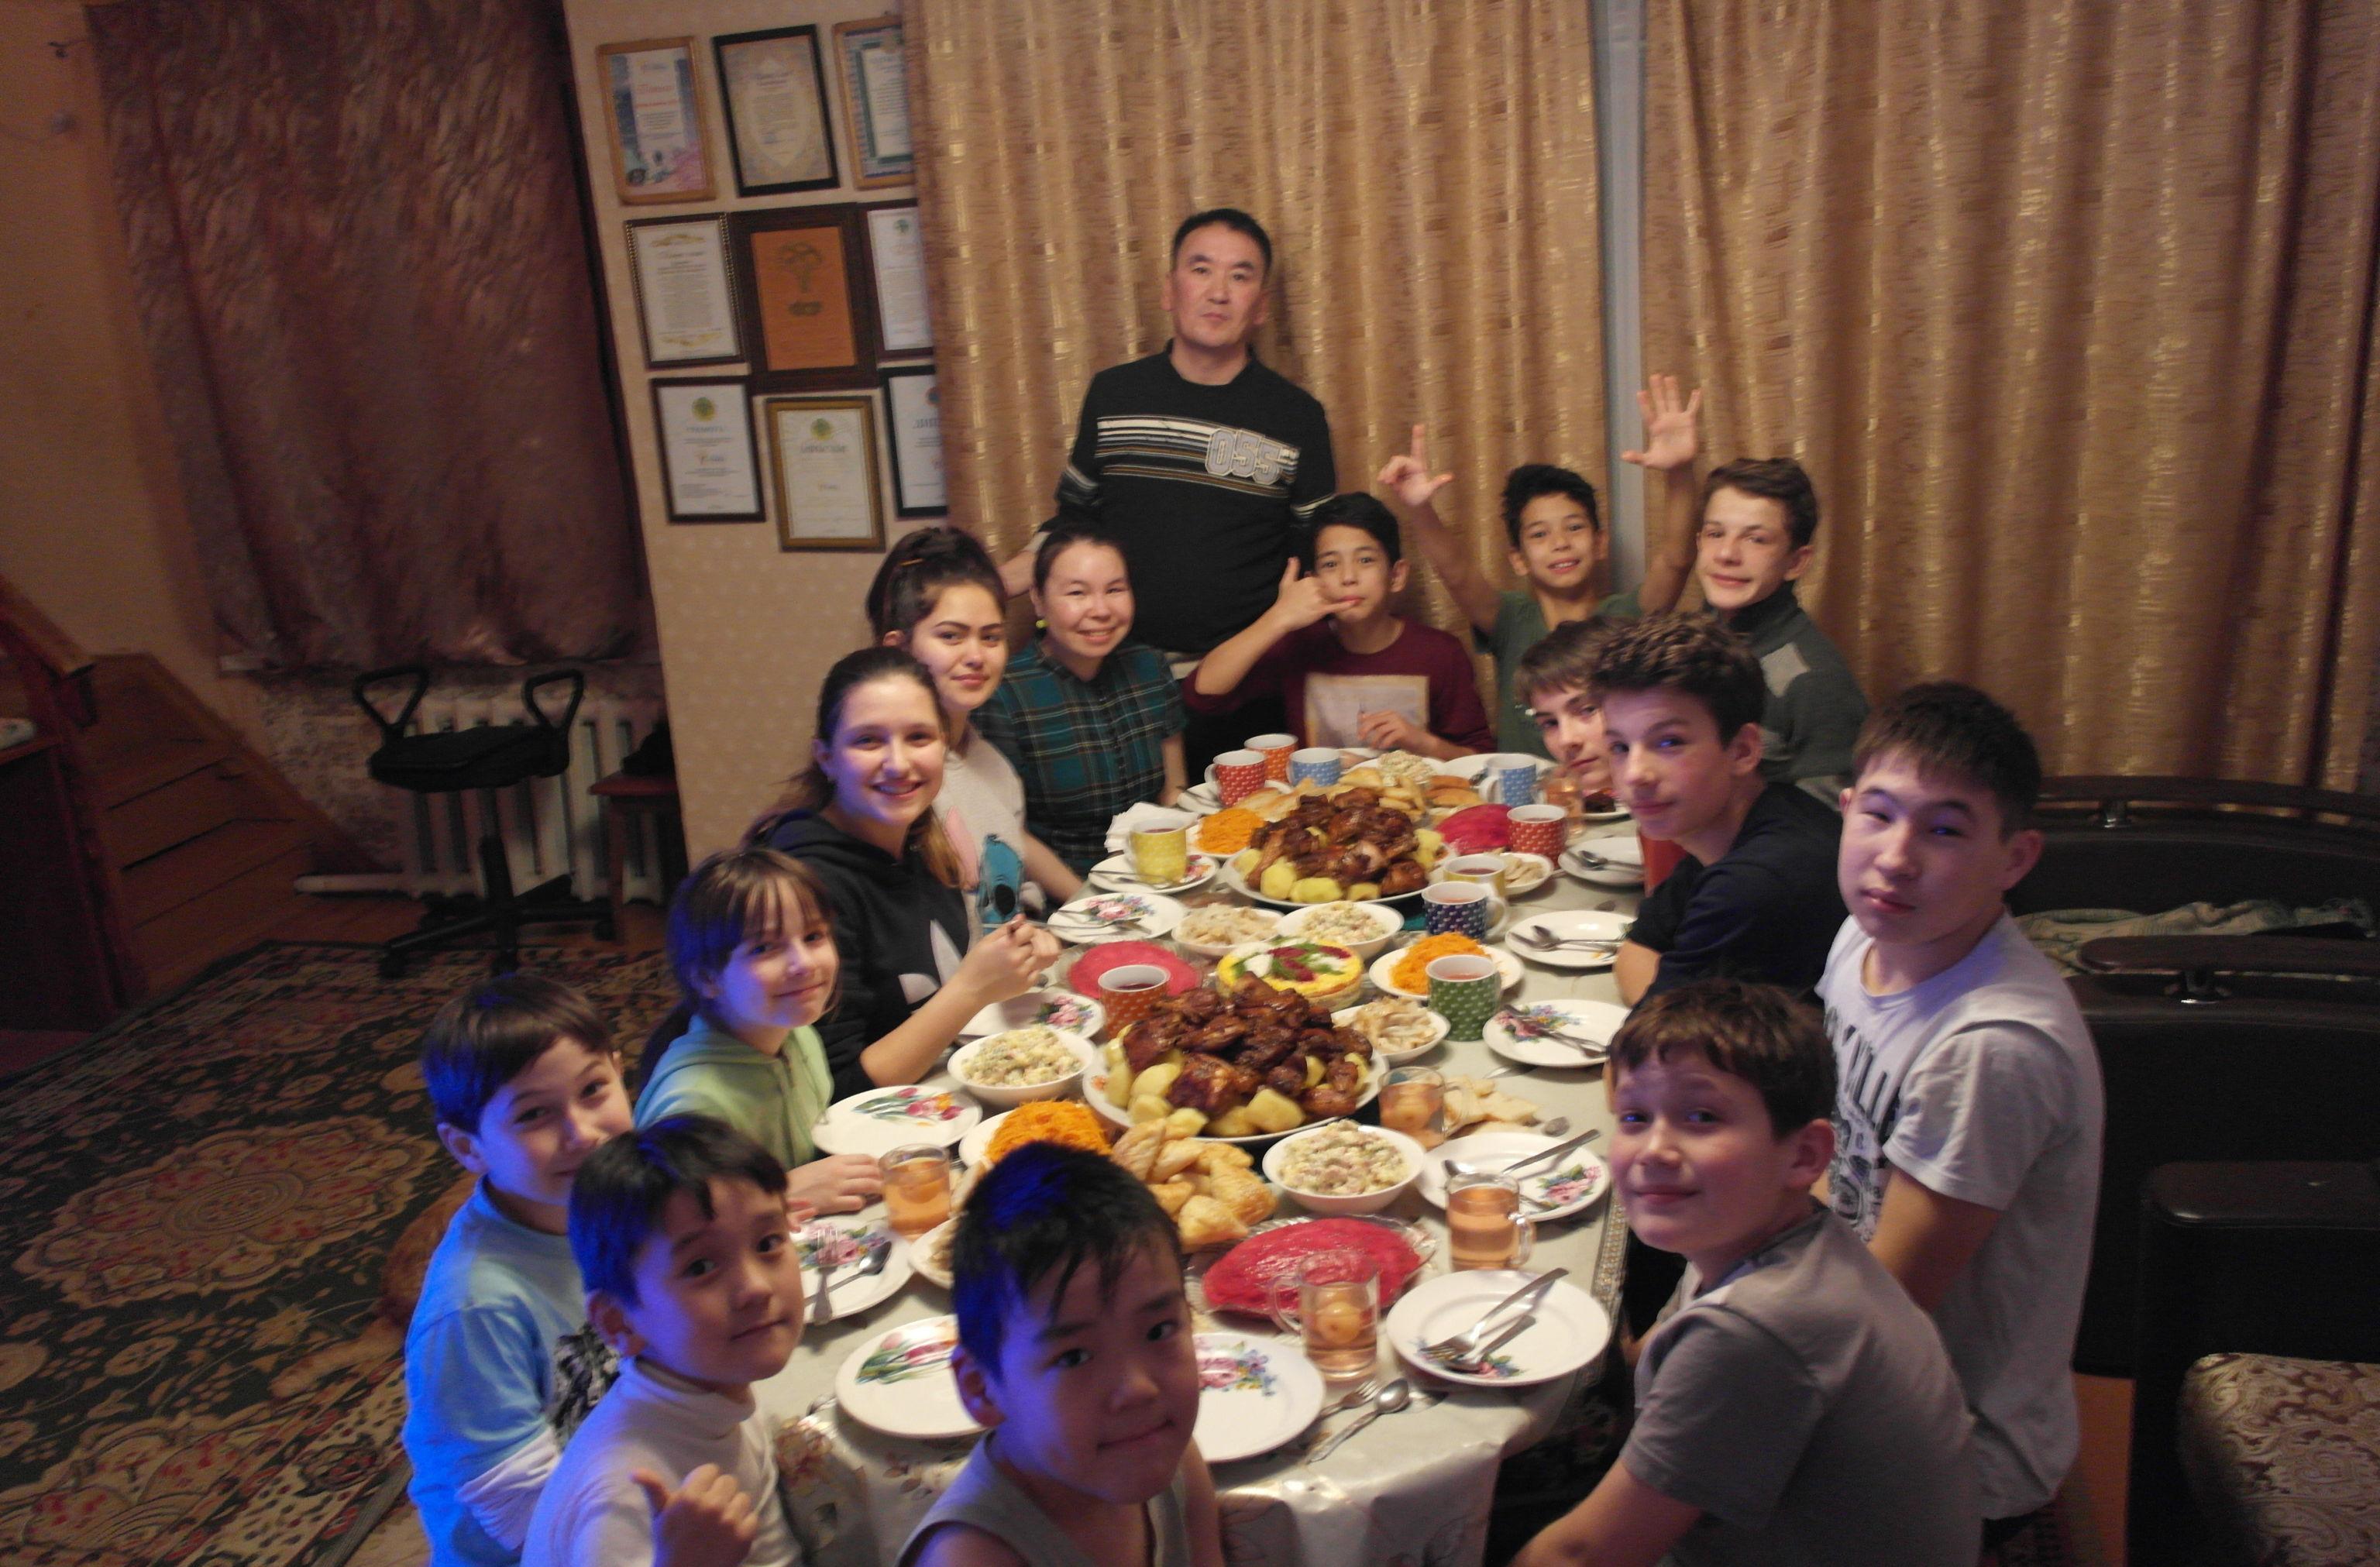 В доме есть традиция проводить семейные советы, перед новым учебным годом совет будет посвящен знаниям, где также будут говорить о нравственности, о целях, о будущем